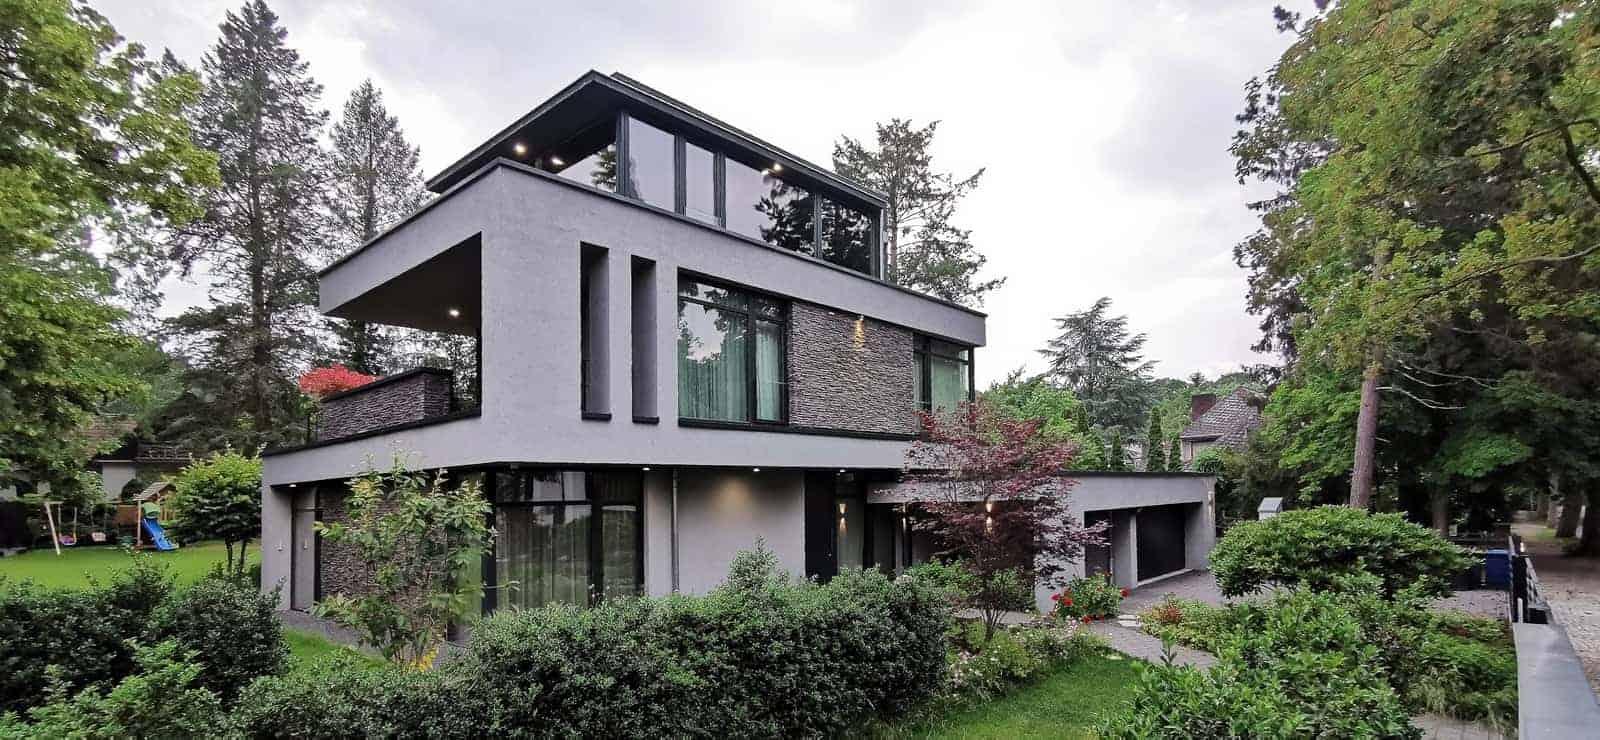 Einfamilienhaus 2,5-geschossig